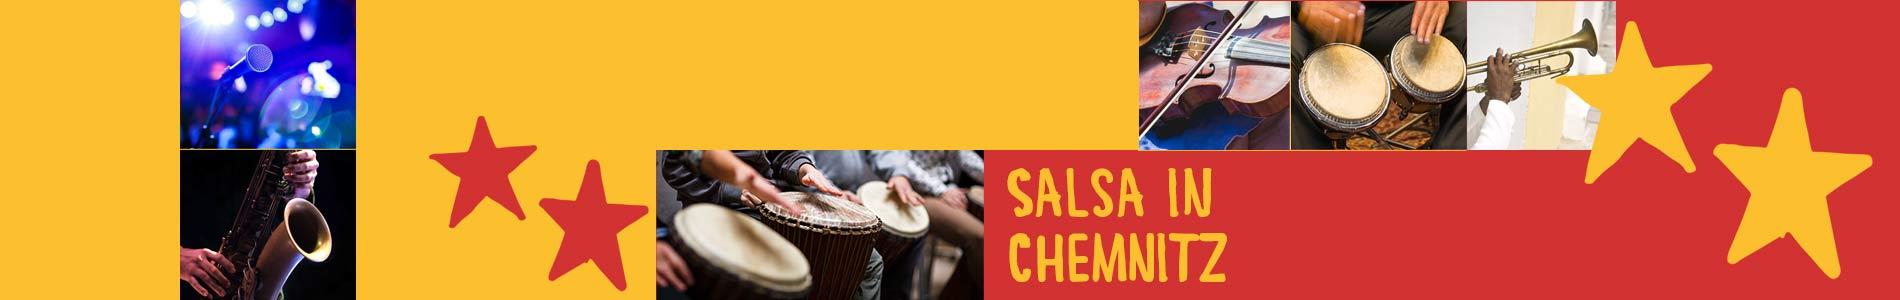 Salsa in Chemnitz – Salsa lernen und tanzen, Tanzkurse, Partys, Veranstaltungen